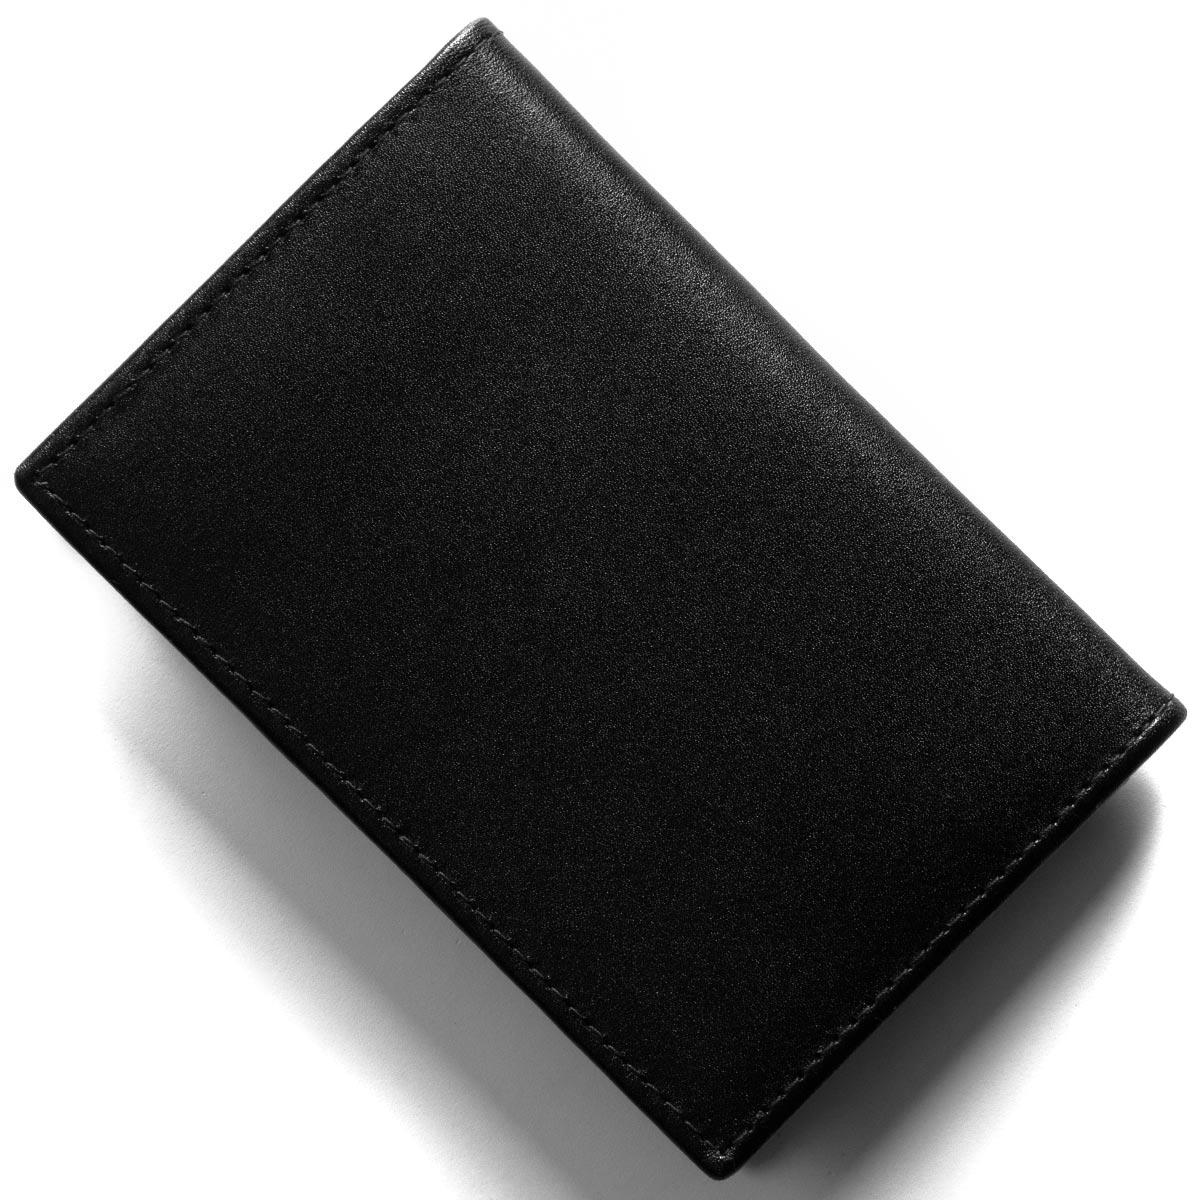 エッティンガー カードケース/名刺入れ メンズ スターリング ブラック&パープル 143JR ST PURPLE 2019年春夏新作 ETTINGER